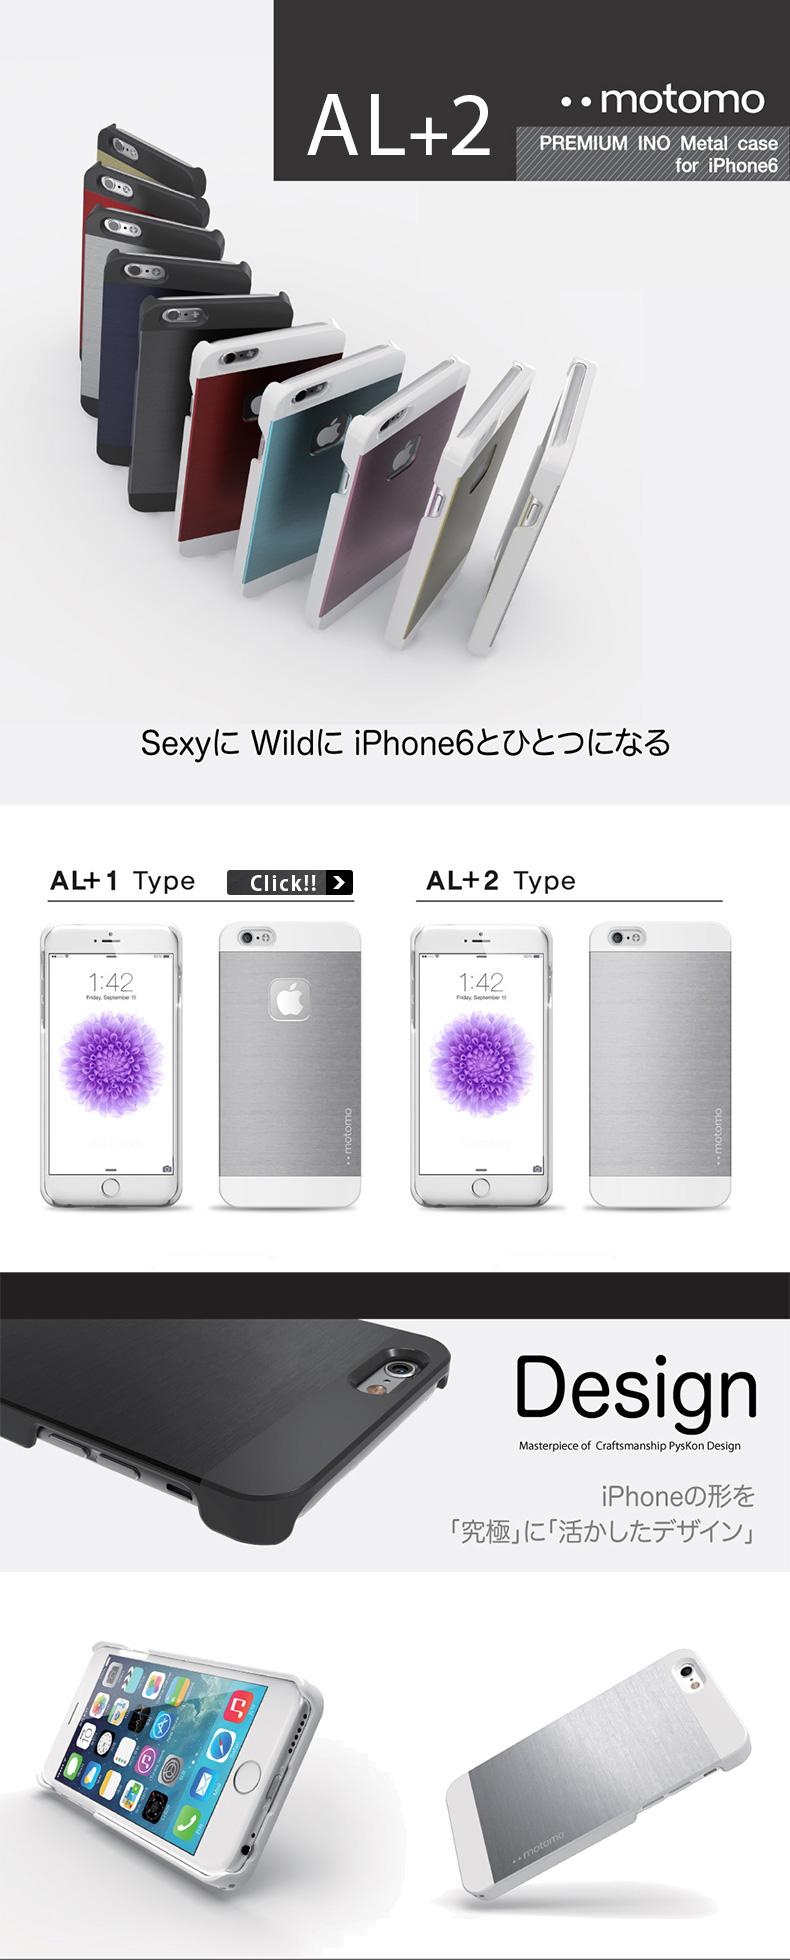 1cad54f42c INO METAL AL2 ケース(モトモ イノメタル エーエルツー ケース). 対応機種-iPhone64.7インチ専用ケース